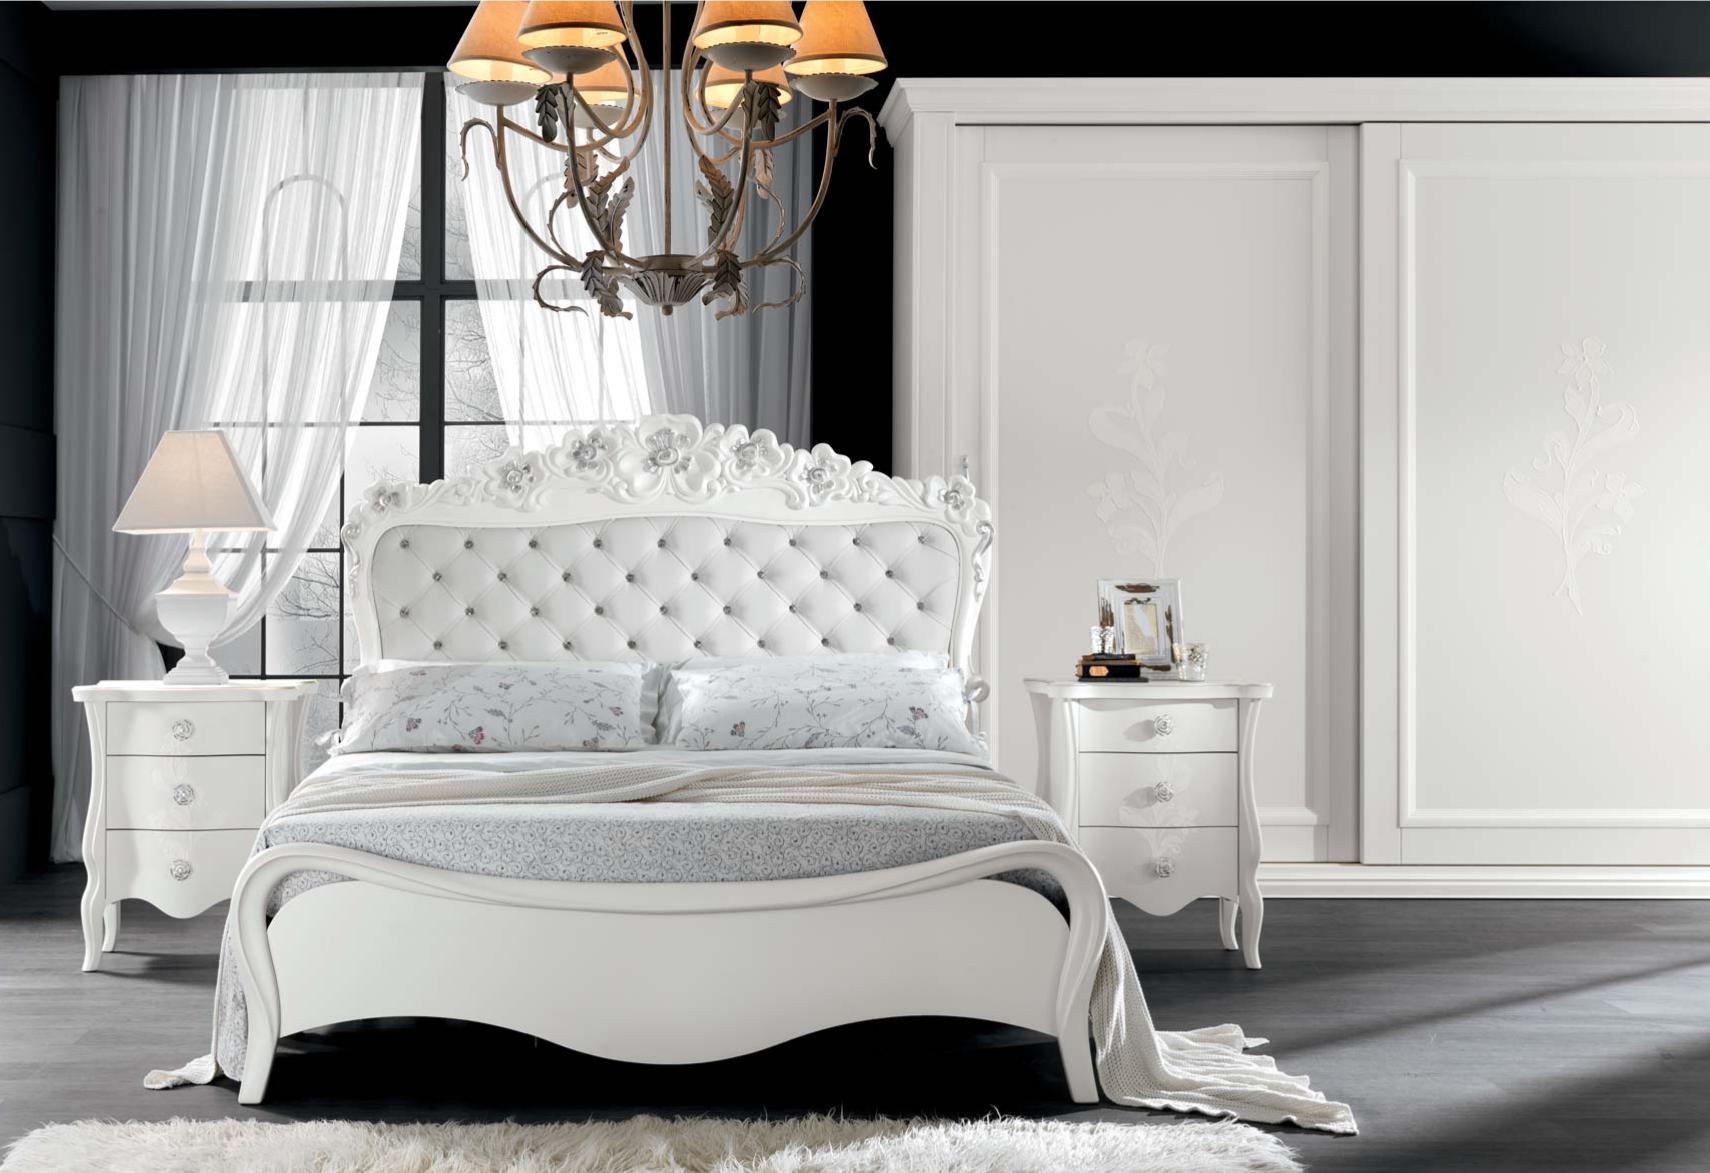 Medea letto per l arredo contemporaneo for Camere da letto stile moderno contemporaneo